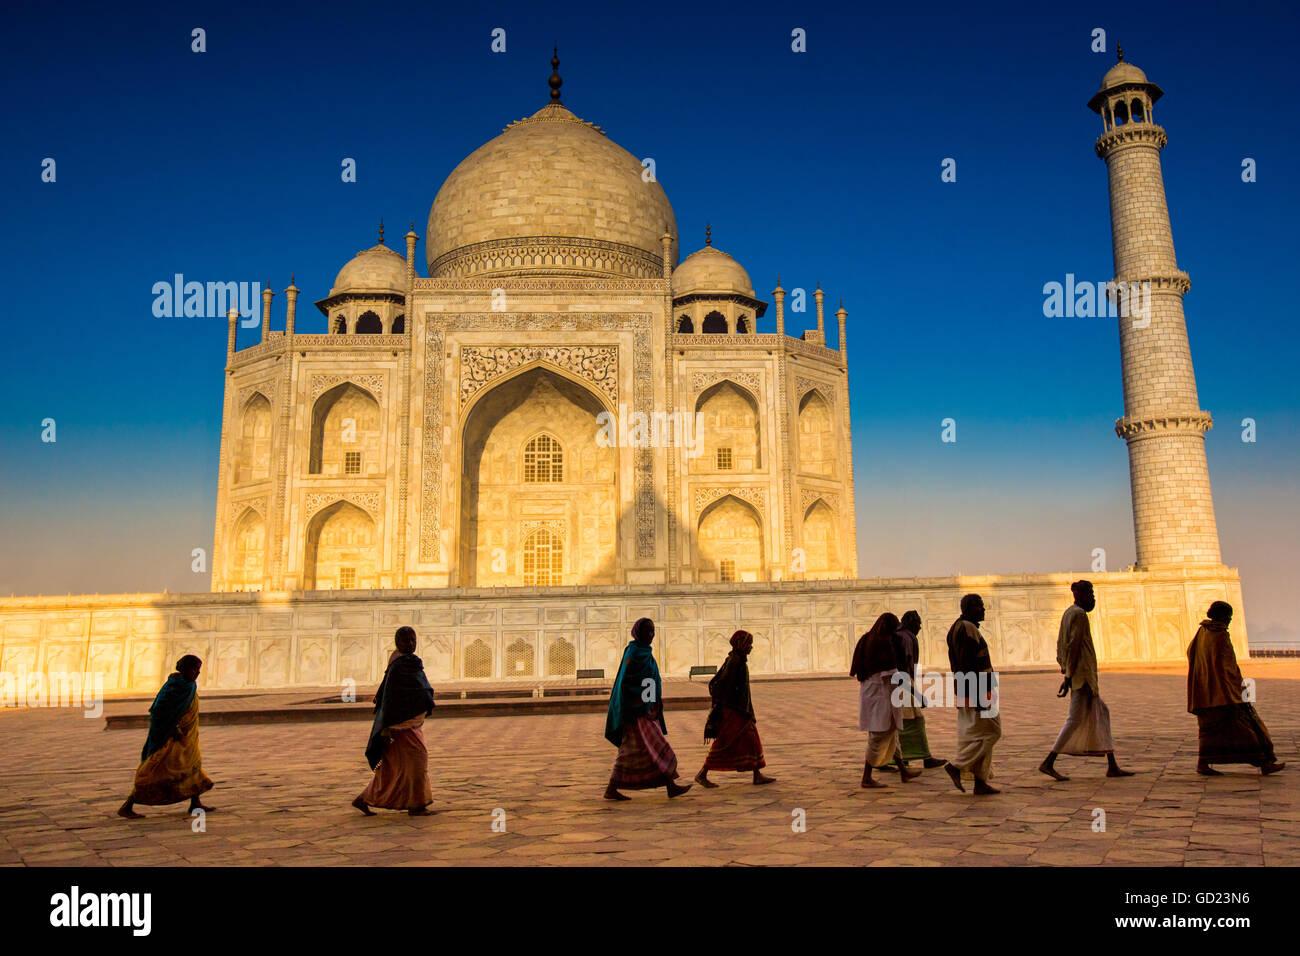 La gente che camminava per pregare davanti al Taj Mahal, Sito Patrimonio Mondiale dell'UNESCO, Agra, Uttar Pradesh, Immagini Stock